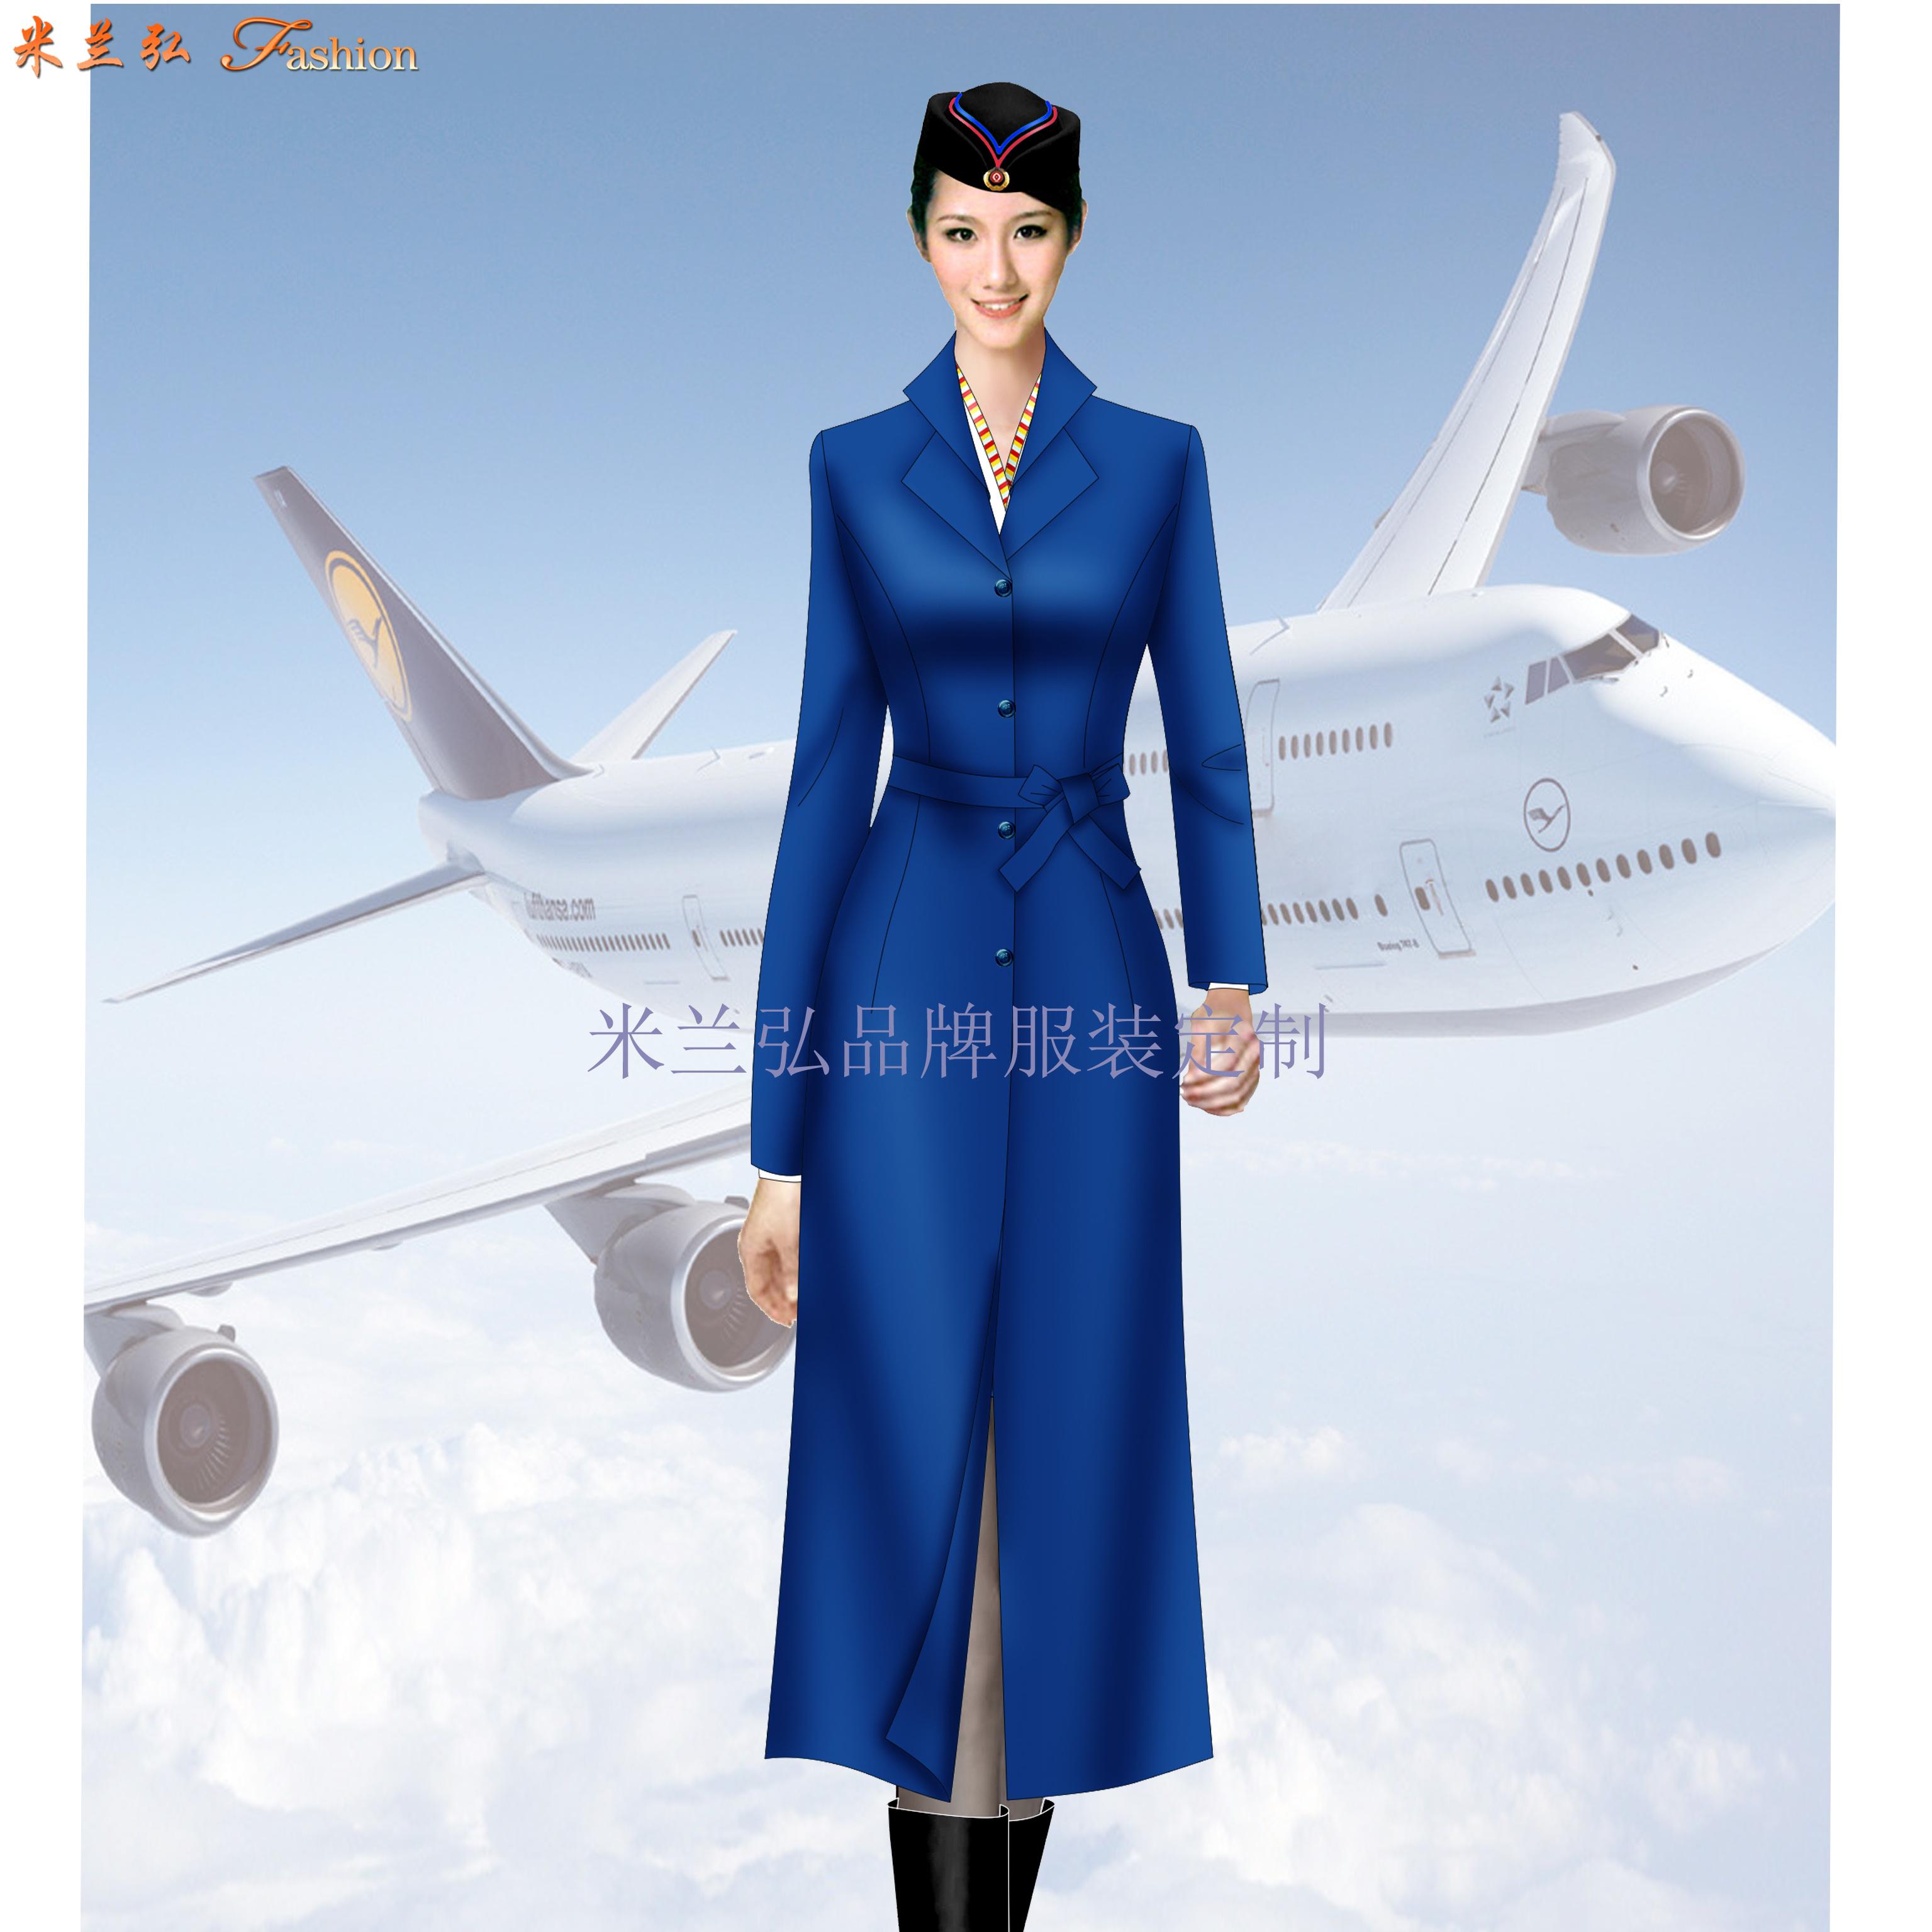 「北京空姐大衣訂制」選擇十年服裝生產經驗廠家-米蘭弘空姐服